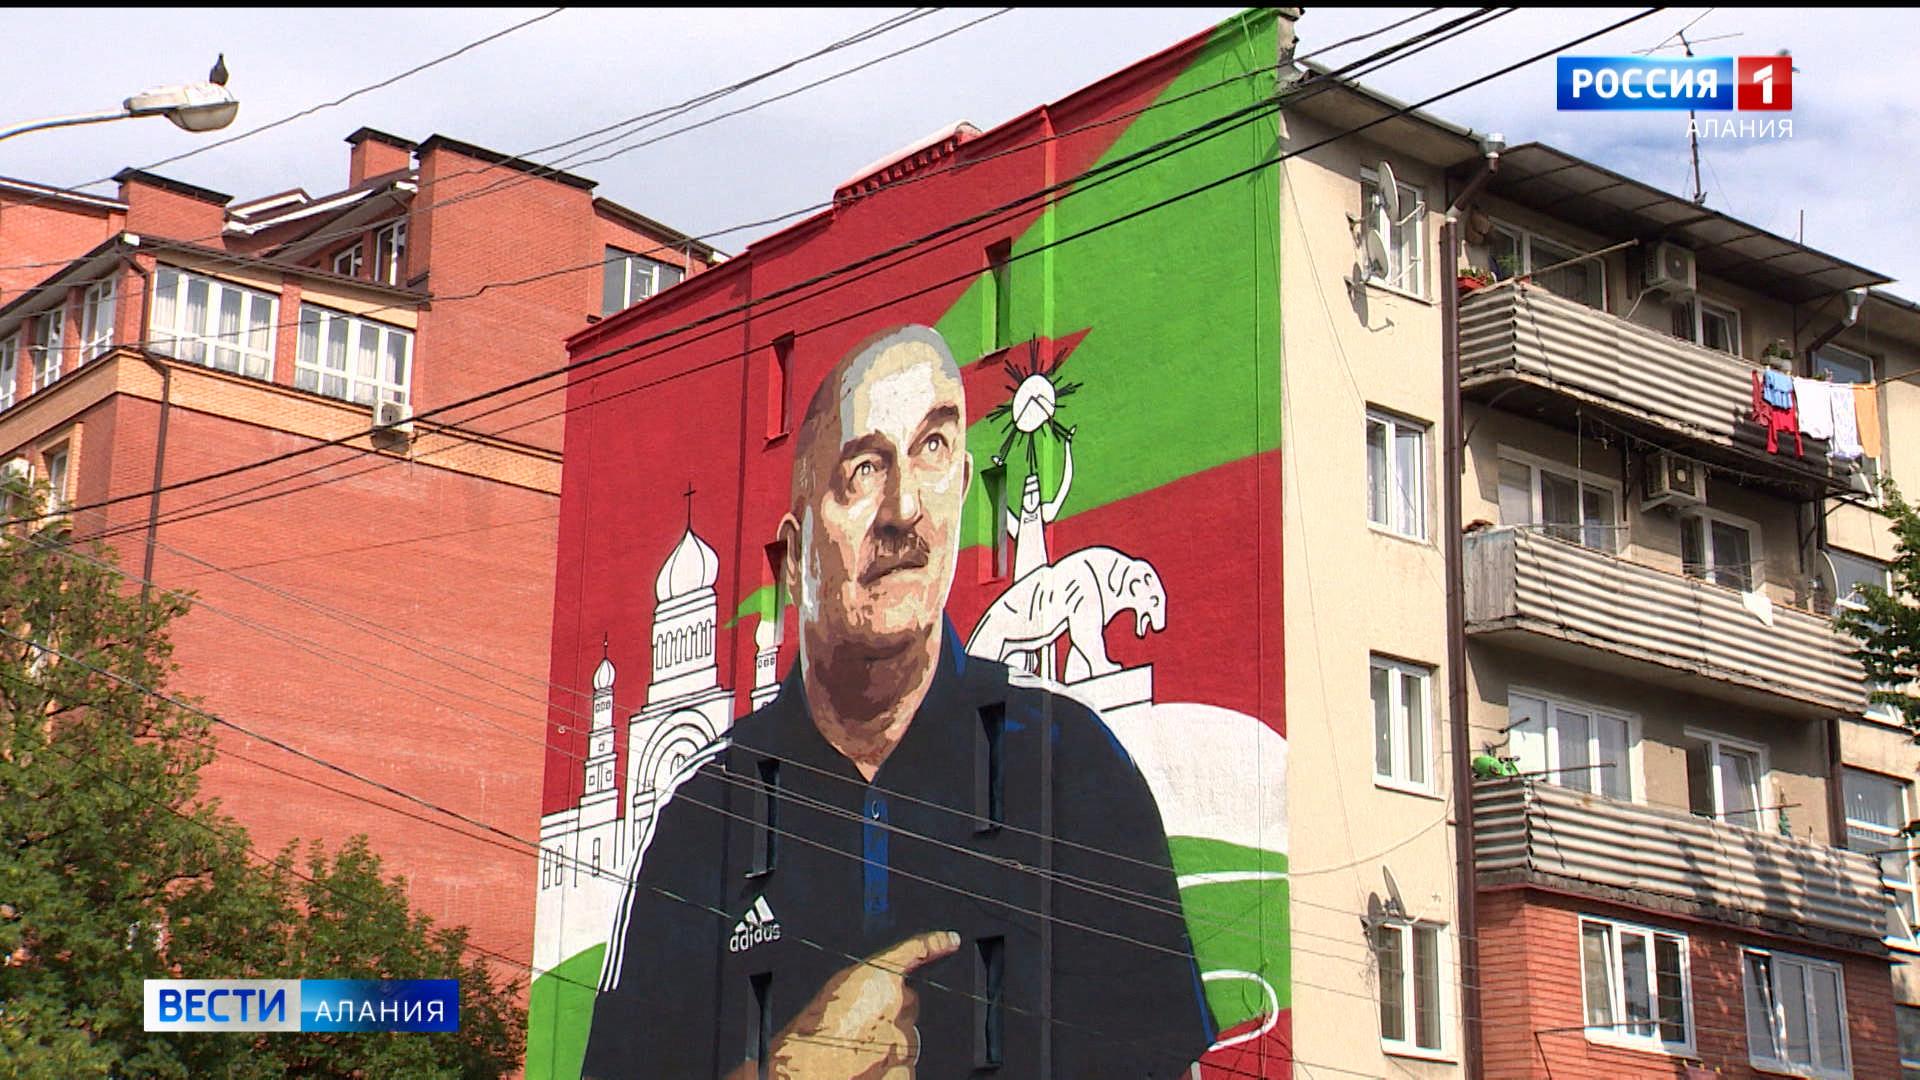 На одном из домов во Владикавказе появилось изображение Станислава Черчесова